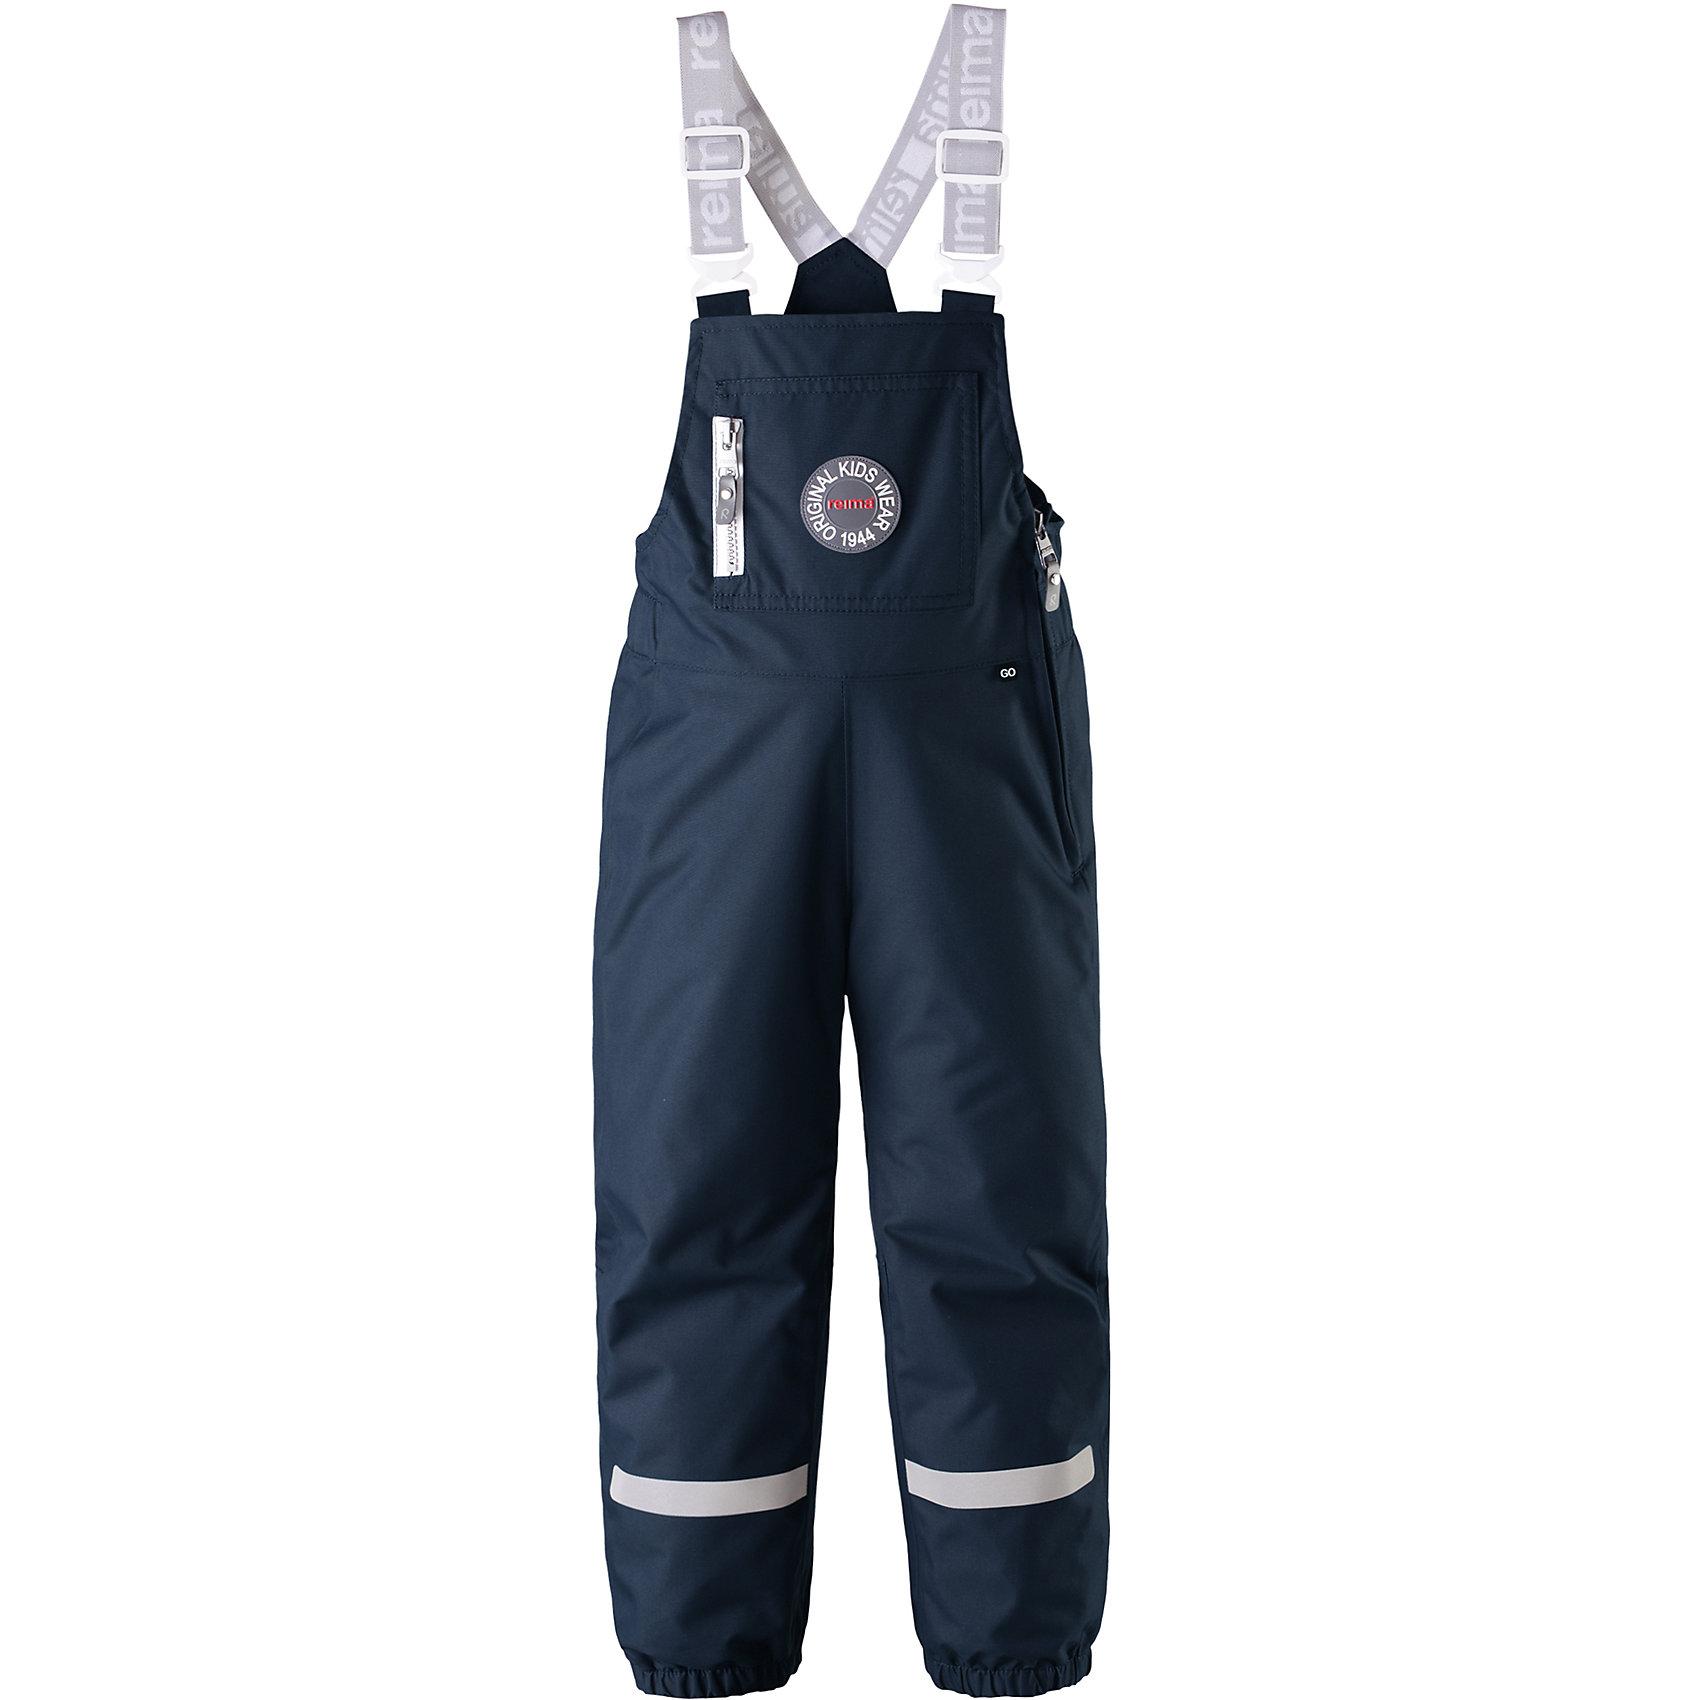 Брюки Sege Reimatec® ReimaВерхняя одежда<br>Дизайн этих детских демисезонных брюк навеян стилем коллекции Reima® 70-х. Эти брюки на легком утеплителе сшиты из специального материала – водо- и грязеотталкивающего, прочного и дышащего. Все основные швы проклеены, водонепроницаемы. <br><br>У этих брюк в ретро-стиле высокая талия и широкие регулируемые подтяжки. Благодаря эластичным манжетам и силиконовым штрипкам концы брючин всегда будут на месте, сколько ни бегай. У этих брюк прямой и слегка зауженный крой. Отделку довершает большой передний карман на молнии, мини-карман для сенсора ReimaGO® и множество светоотражающих деталей.<br>Состав:<br>100% Полиэстер<br><br>Ширина мм: 215<br>Глубина мм: 88<br>Высота мм: 191<br>Вес г: 336<br>Цвет: синий<br>Возраст от месяцев: 108<br>Возраст до месяцев: 120<br>Пол: Унисекс<br>Возраст: Детский<br>Размер: 140,92,98,104,110,116,122,128,134<br>SKU: 6901599